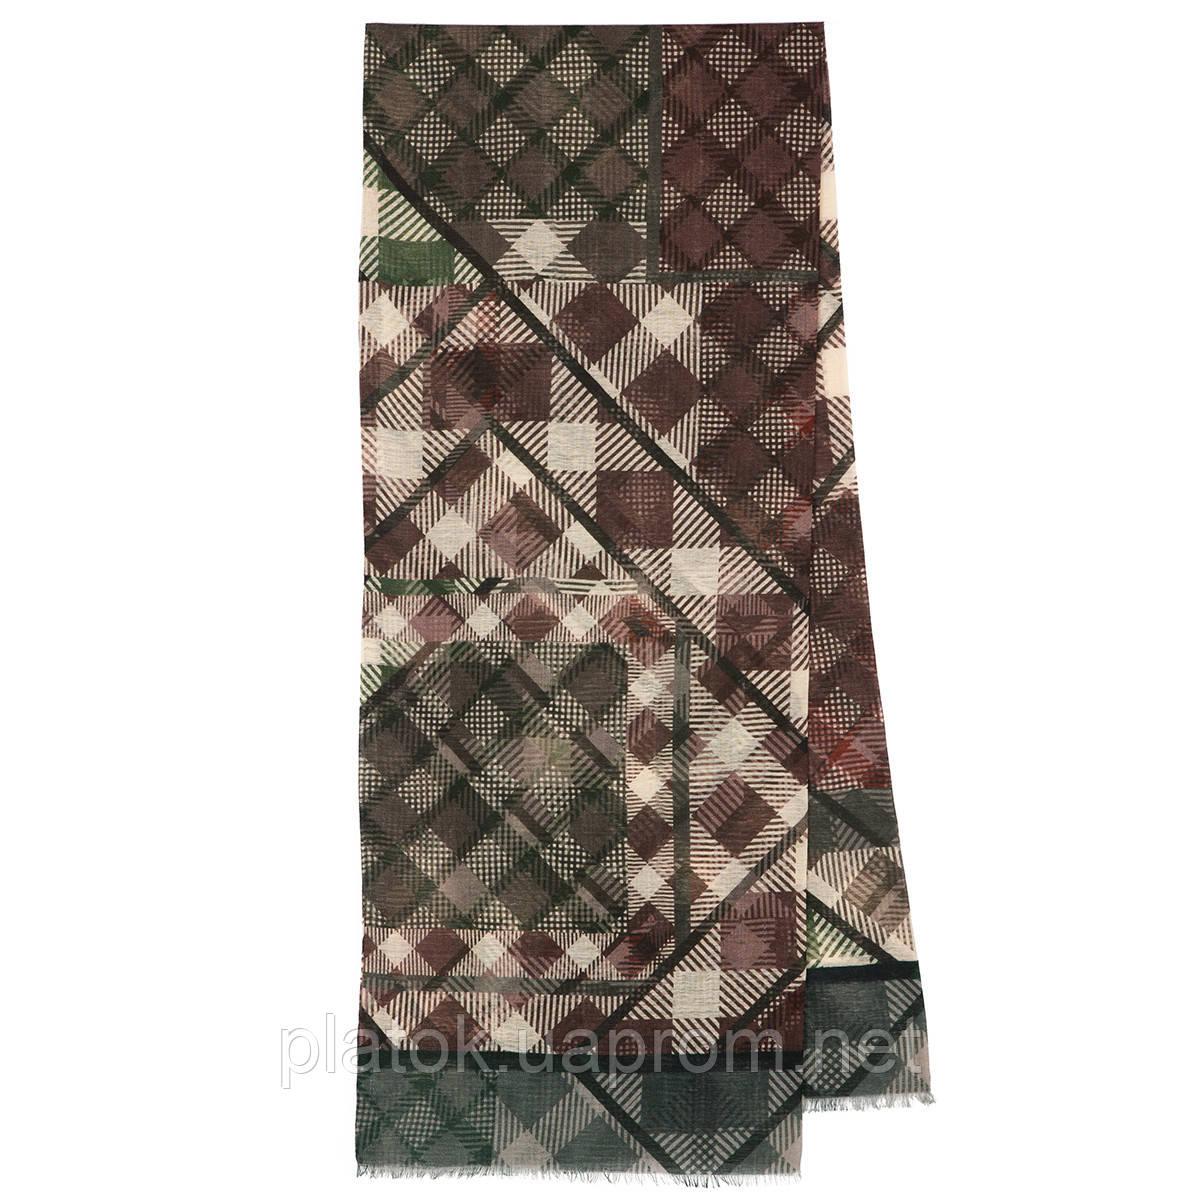 10486-9 кашне мужское, павлопосадский шарф (кашне) шерстяной (разреженная шерсть) с осыпкой